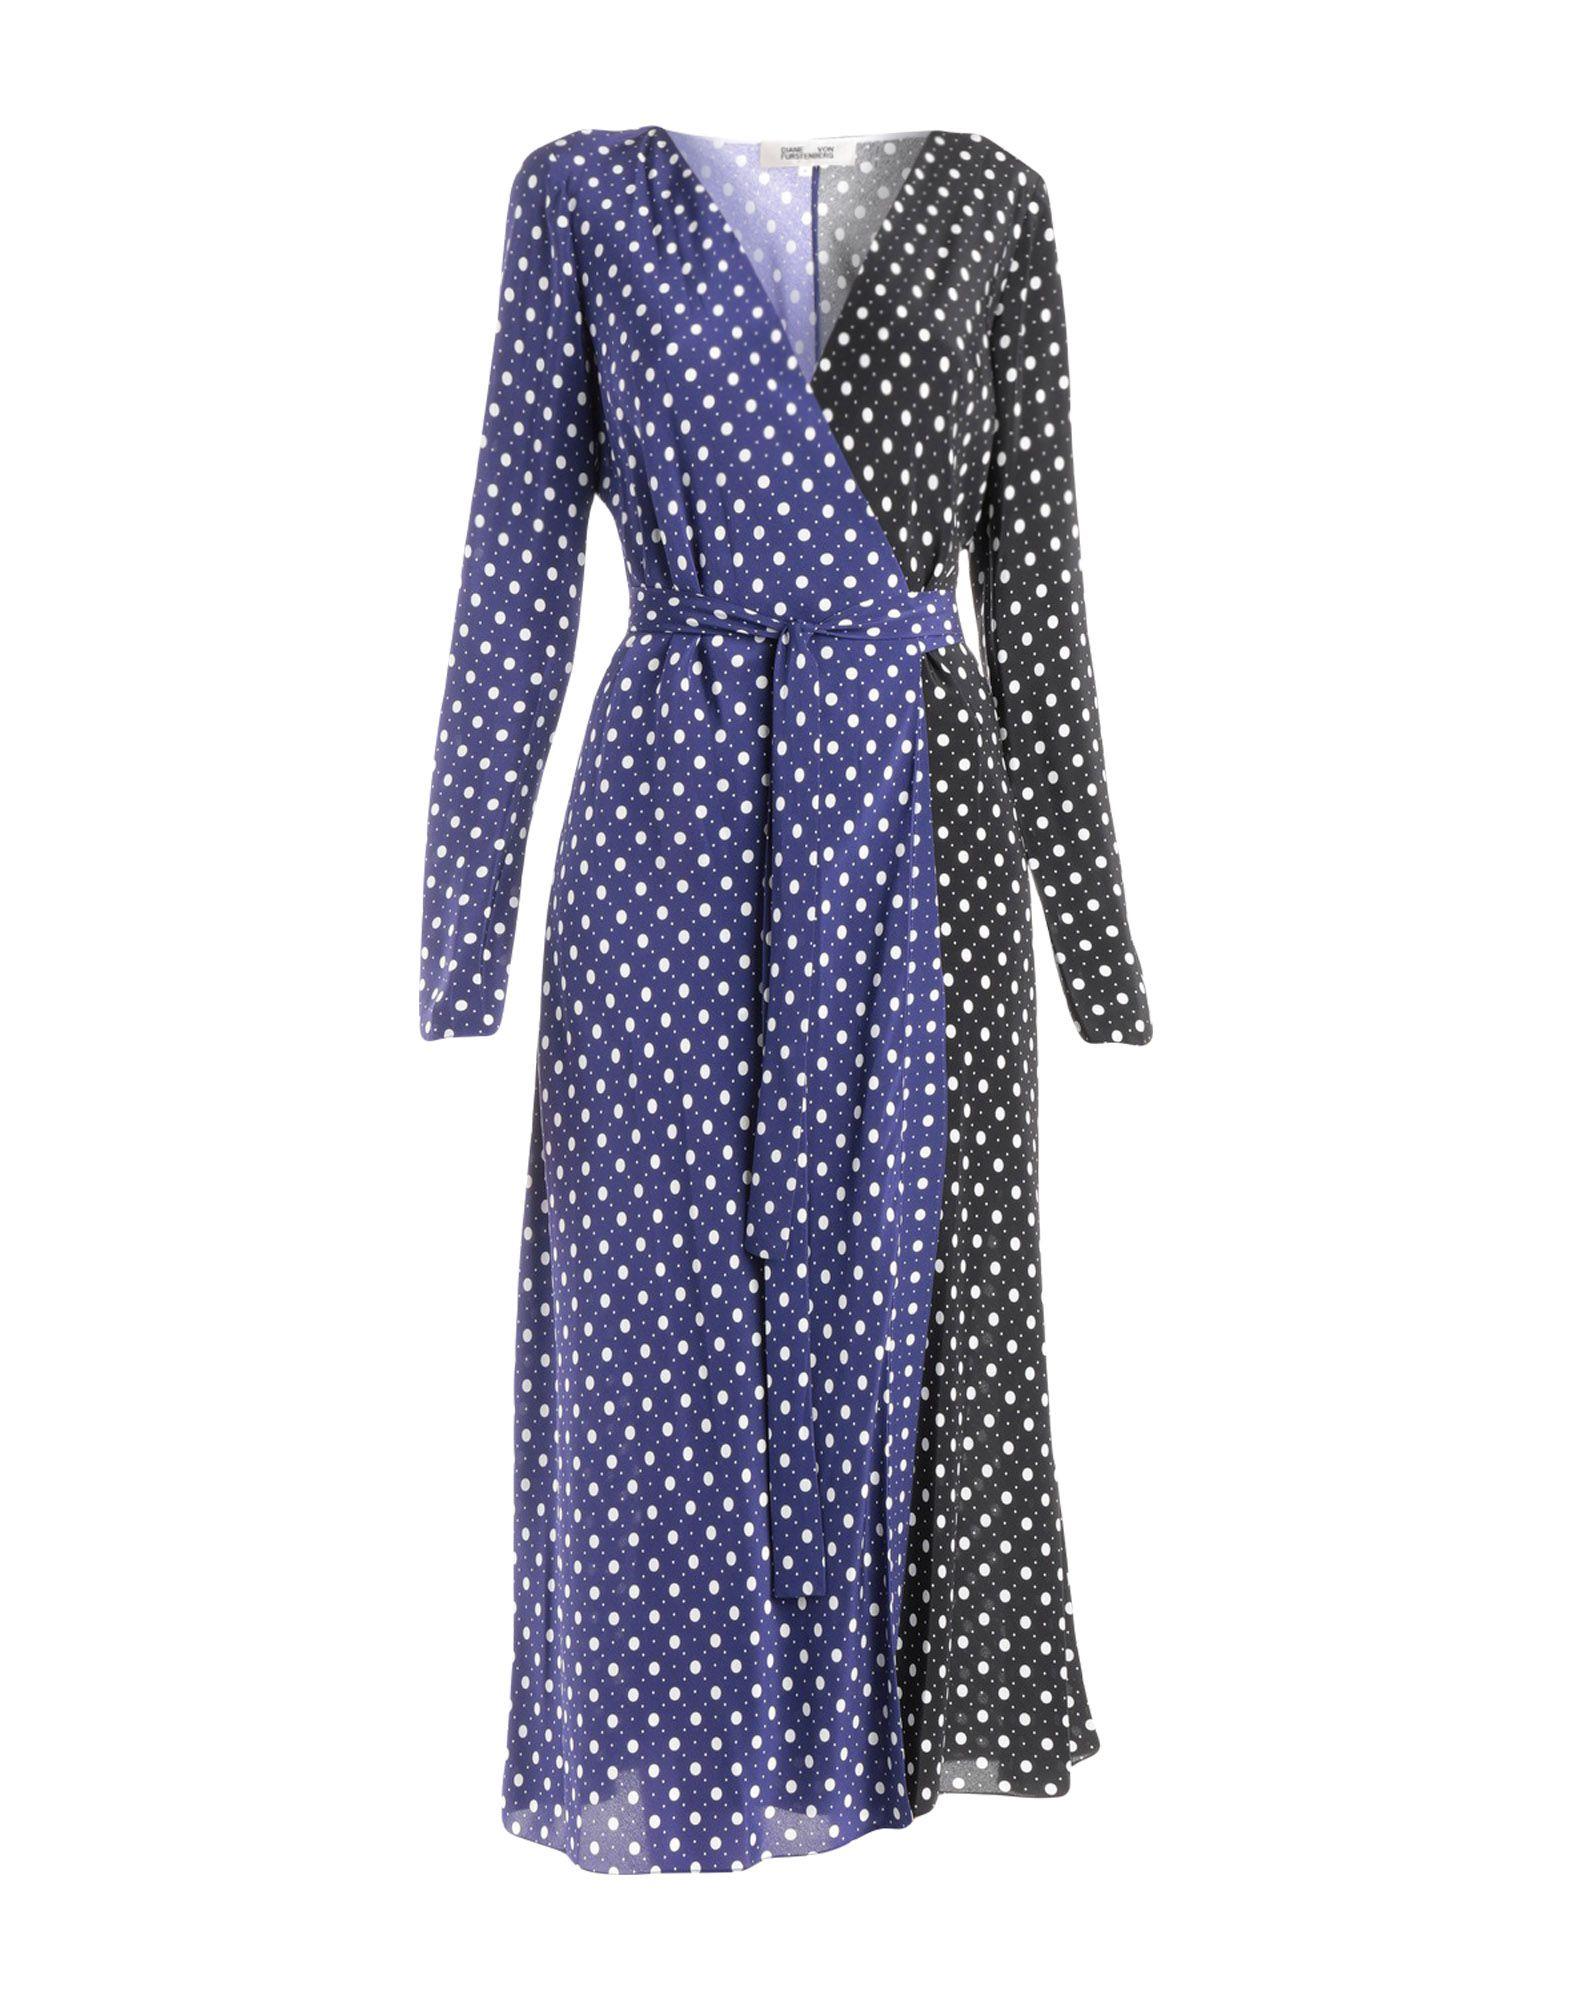 DIANE VON FURSTENBERG Платье длиной 3/4 платье 3 в 1